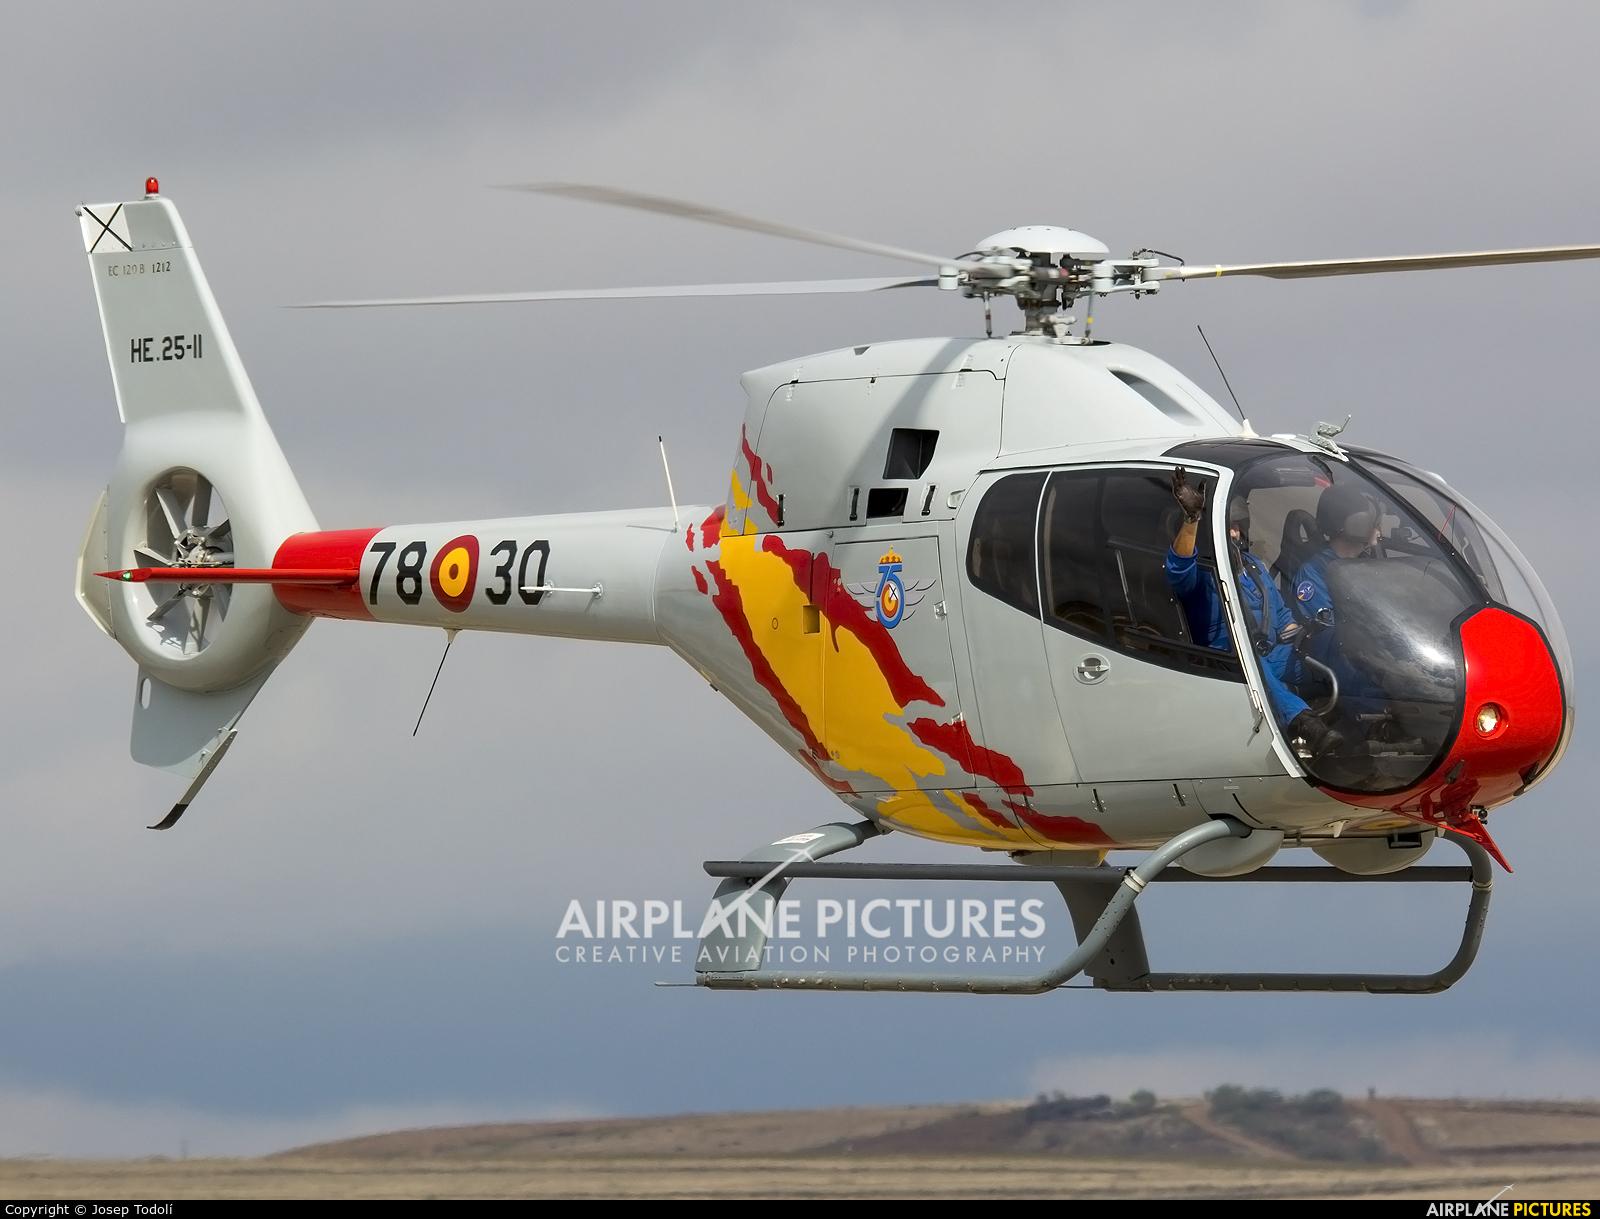 Spain - Air Force: Patrulla ASPA HE.25-11 aircraft at Madrid - Torrejon